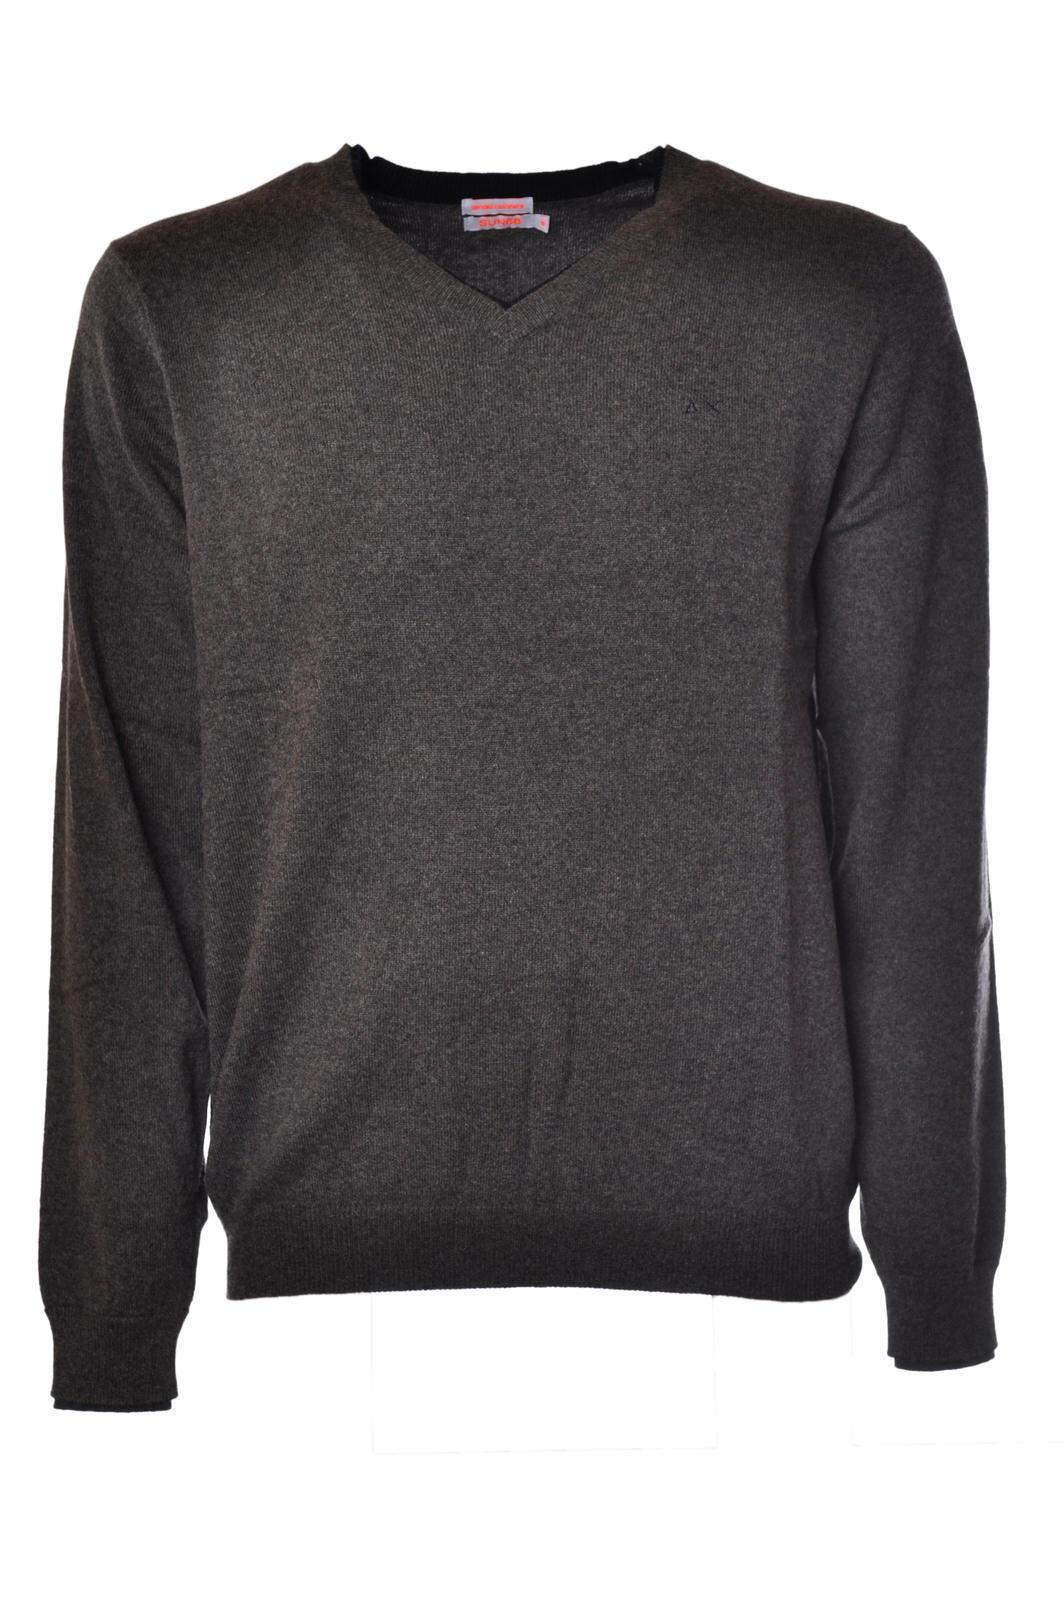 Sun 68 - Knitwear-Sweaters - Man - Grau - 926318C182335